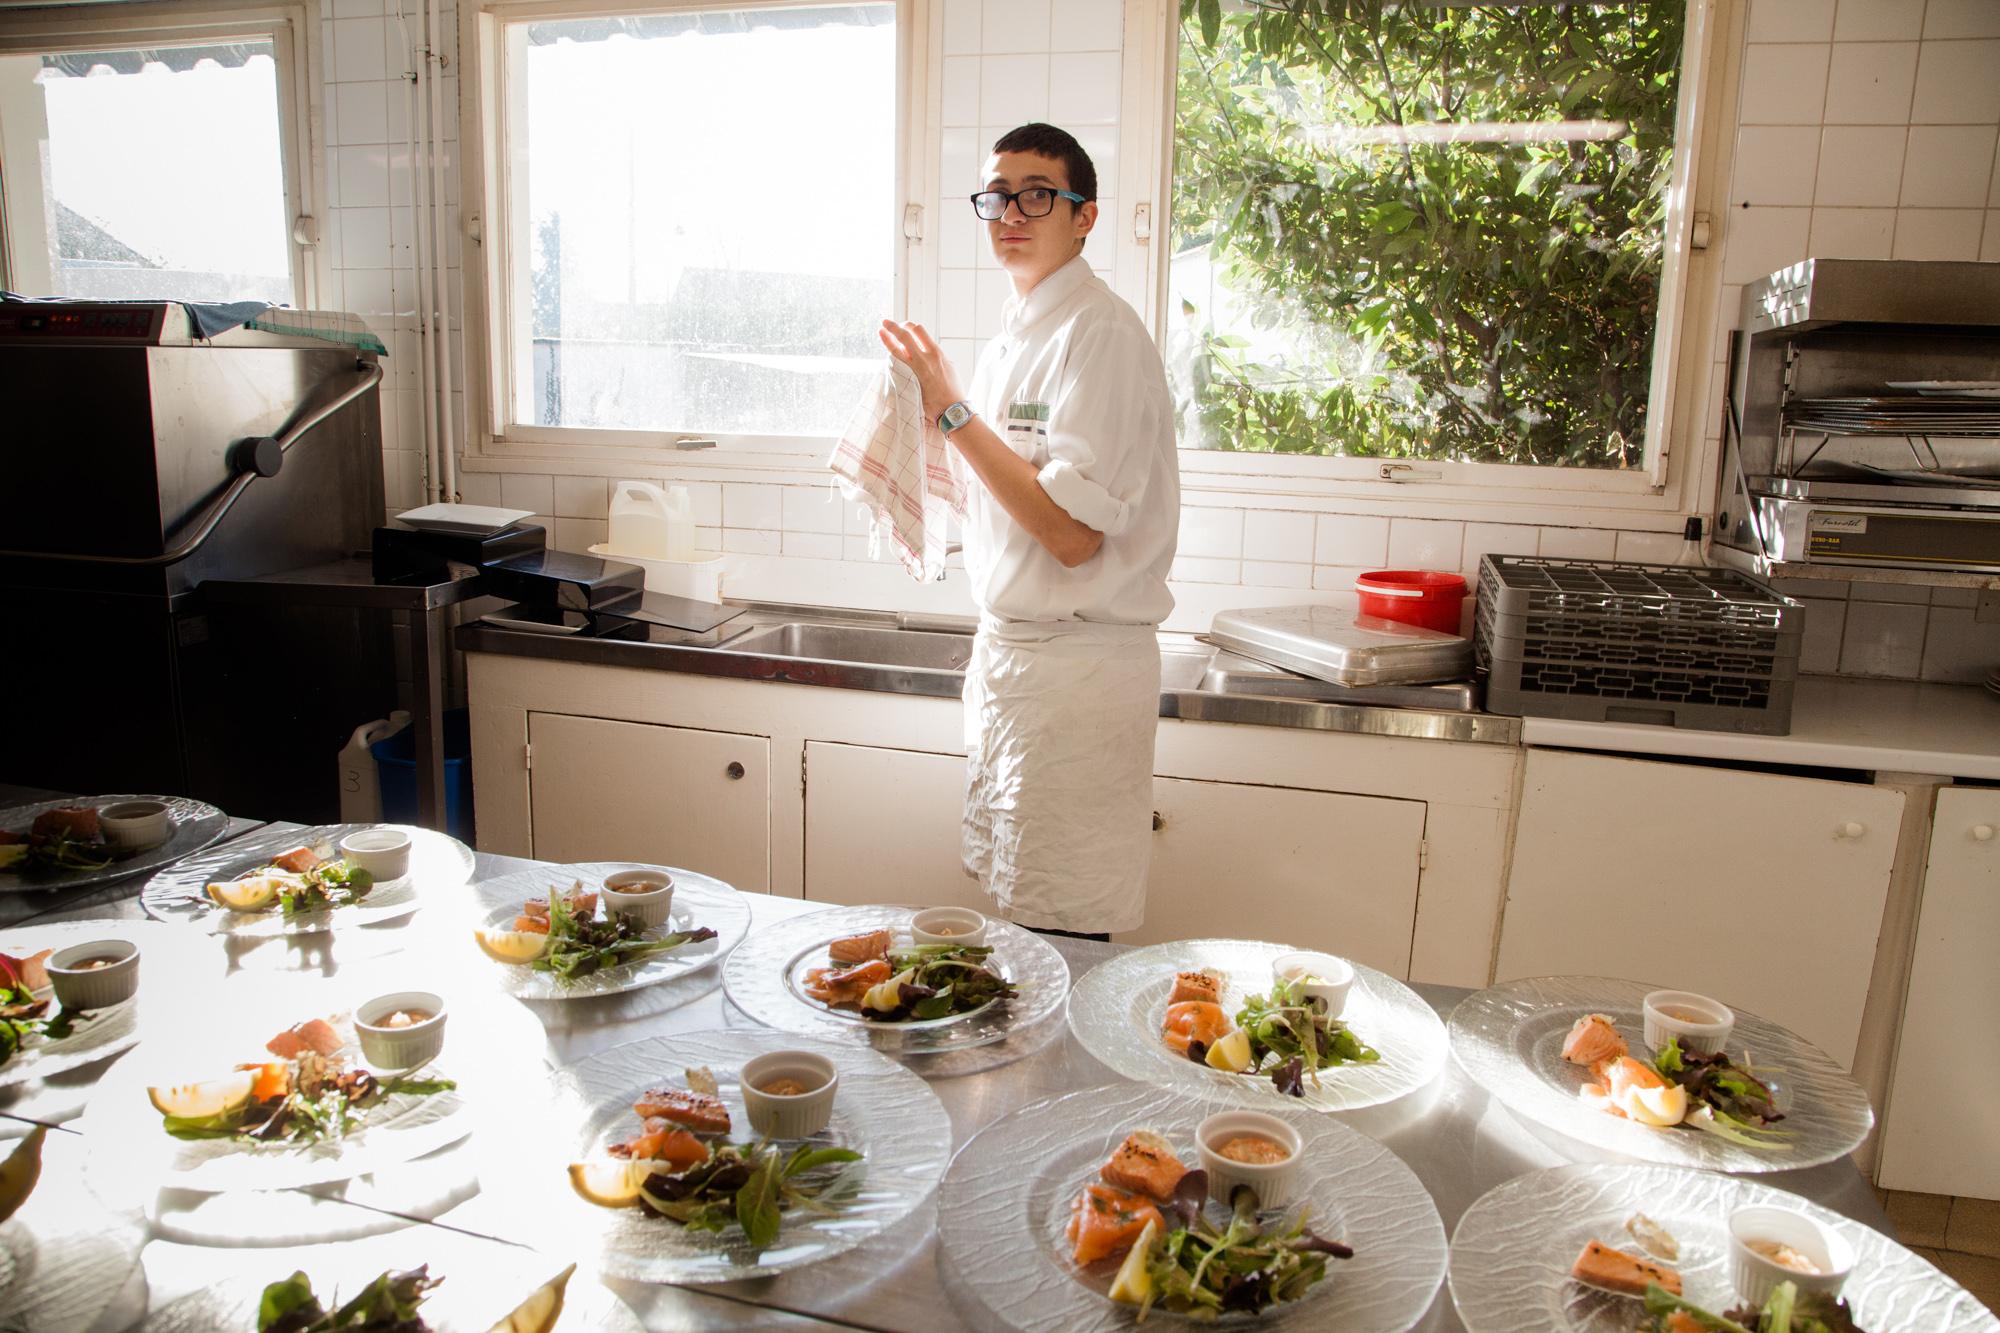 """""""Je voulais voir comment ça se passait dans une cuisine. Je savais déjà ce qui se passait dans les cuisines, mais j'avais vu à la télé... Je voulais voir comment ça se passait en vrai.""""  David, en stage dans le restaurant """" La Vieille Gabelle"""".     Extrait du projetLes pieds dans la Franceco-réalisé avecStéphane DouléetCamille Millerand.   http://www.unpieddanslafrance.fr/evreux"""